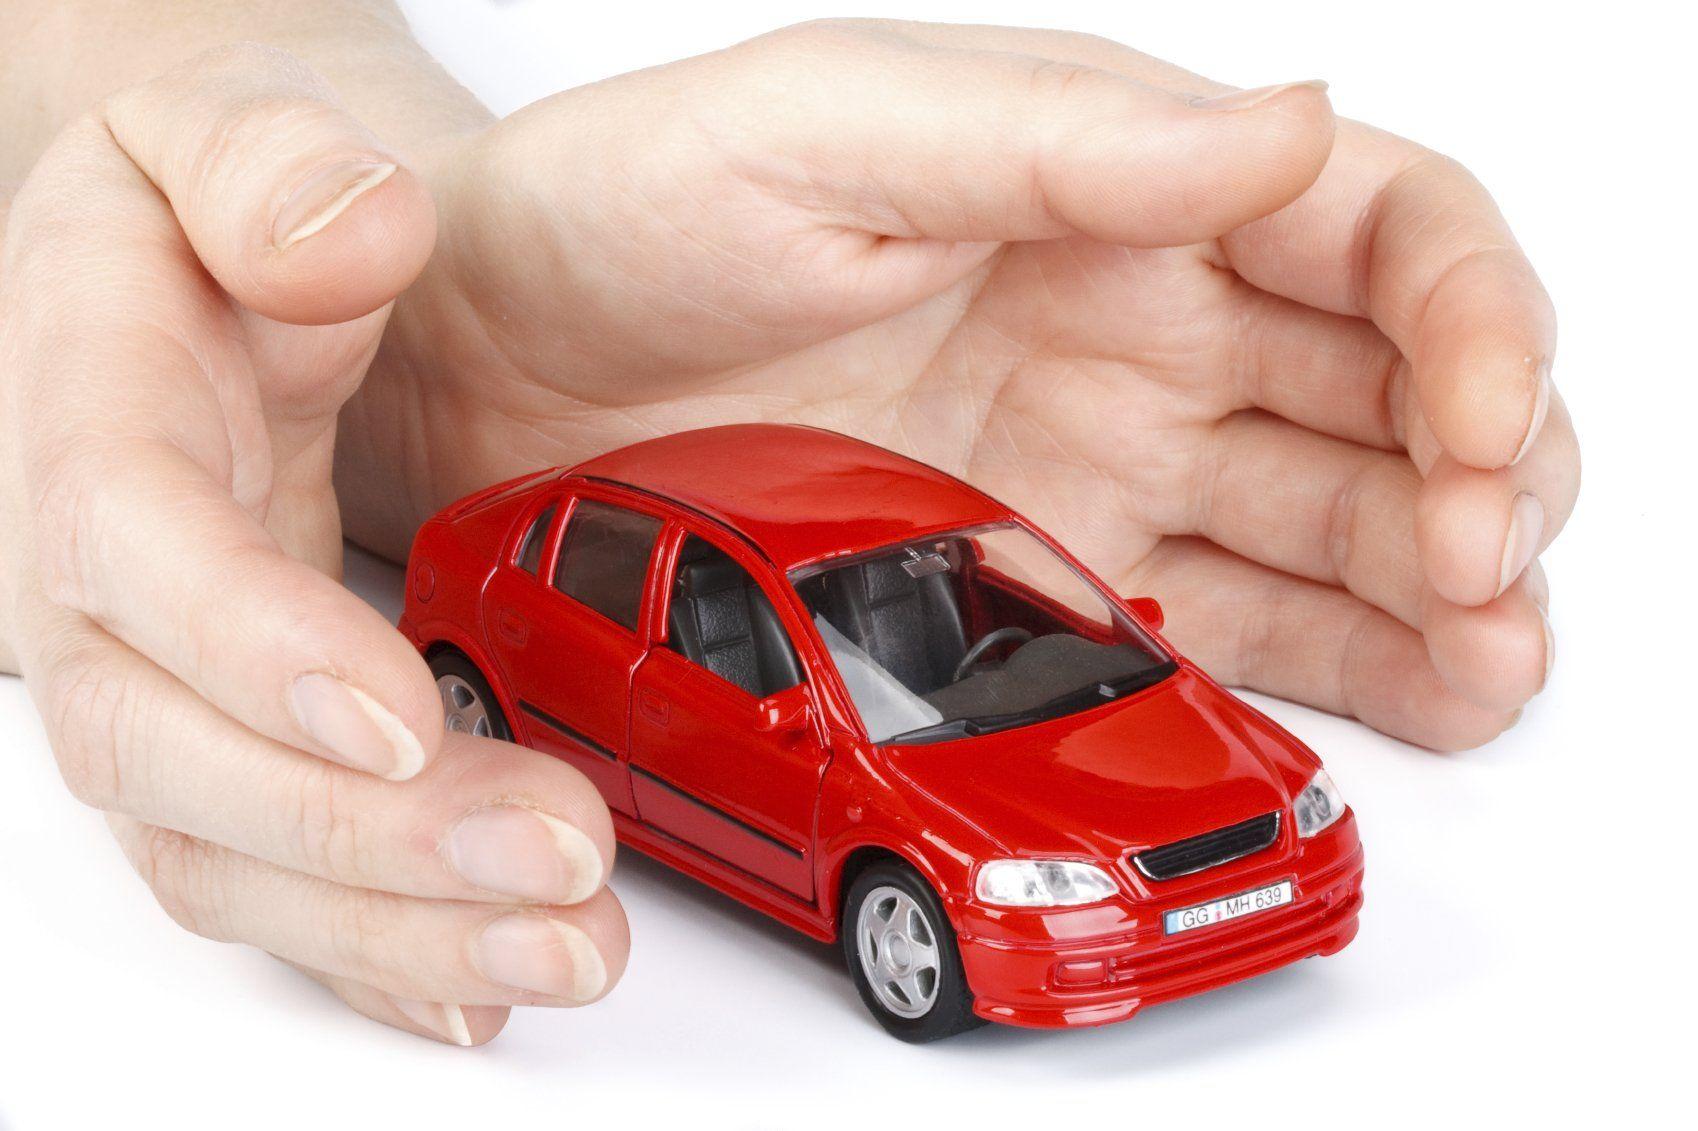 Autotransport-oder-Autoüberführung